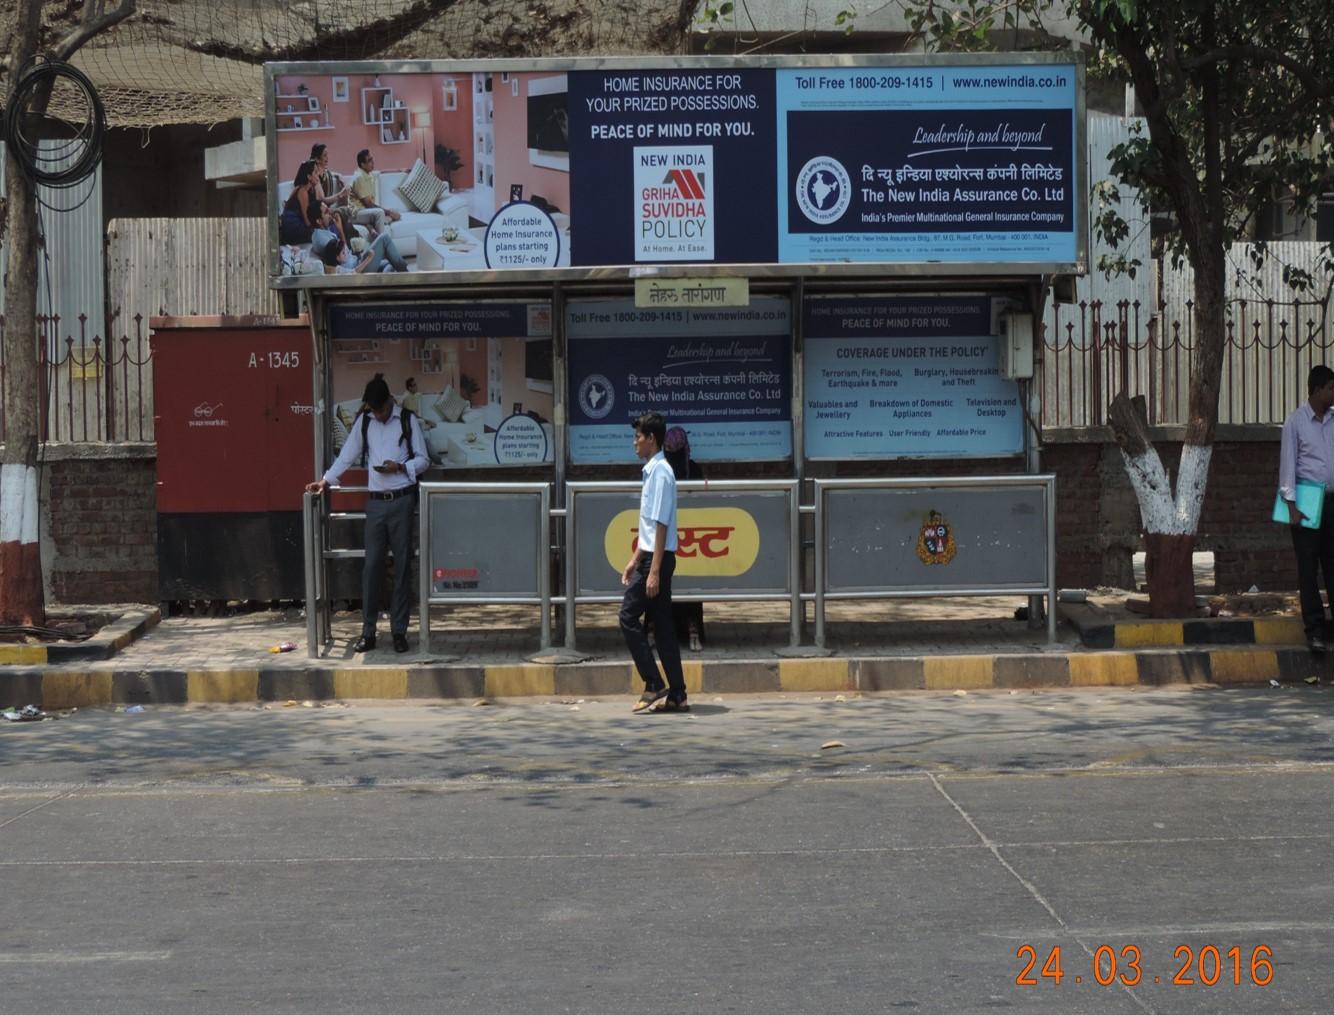 Worli Poonam Chambers Up, Mumbai